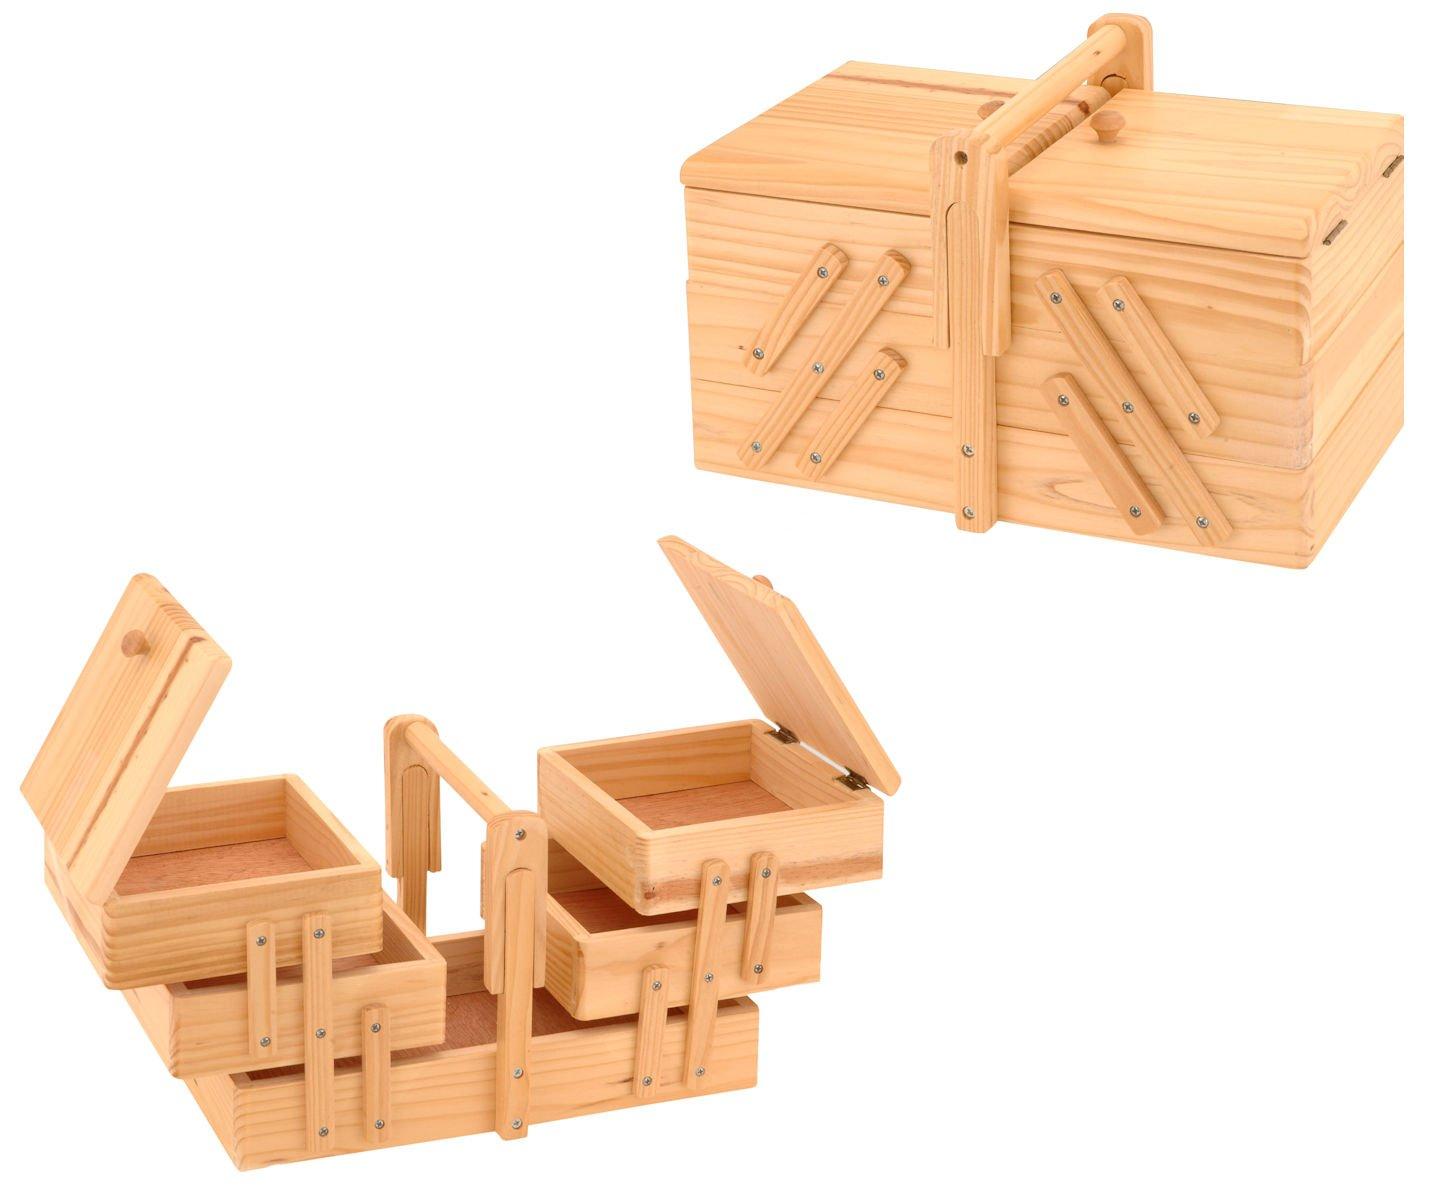 Holz Nähkästchen ausklappbar - Nähkasten Nähkiste Nähkorb Näh Box ...